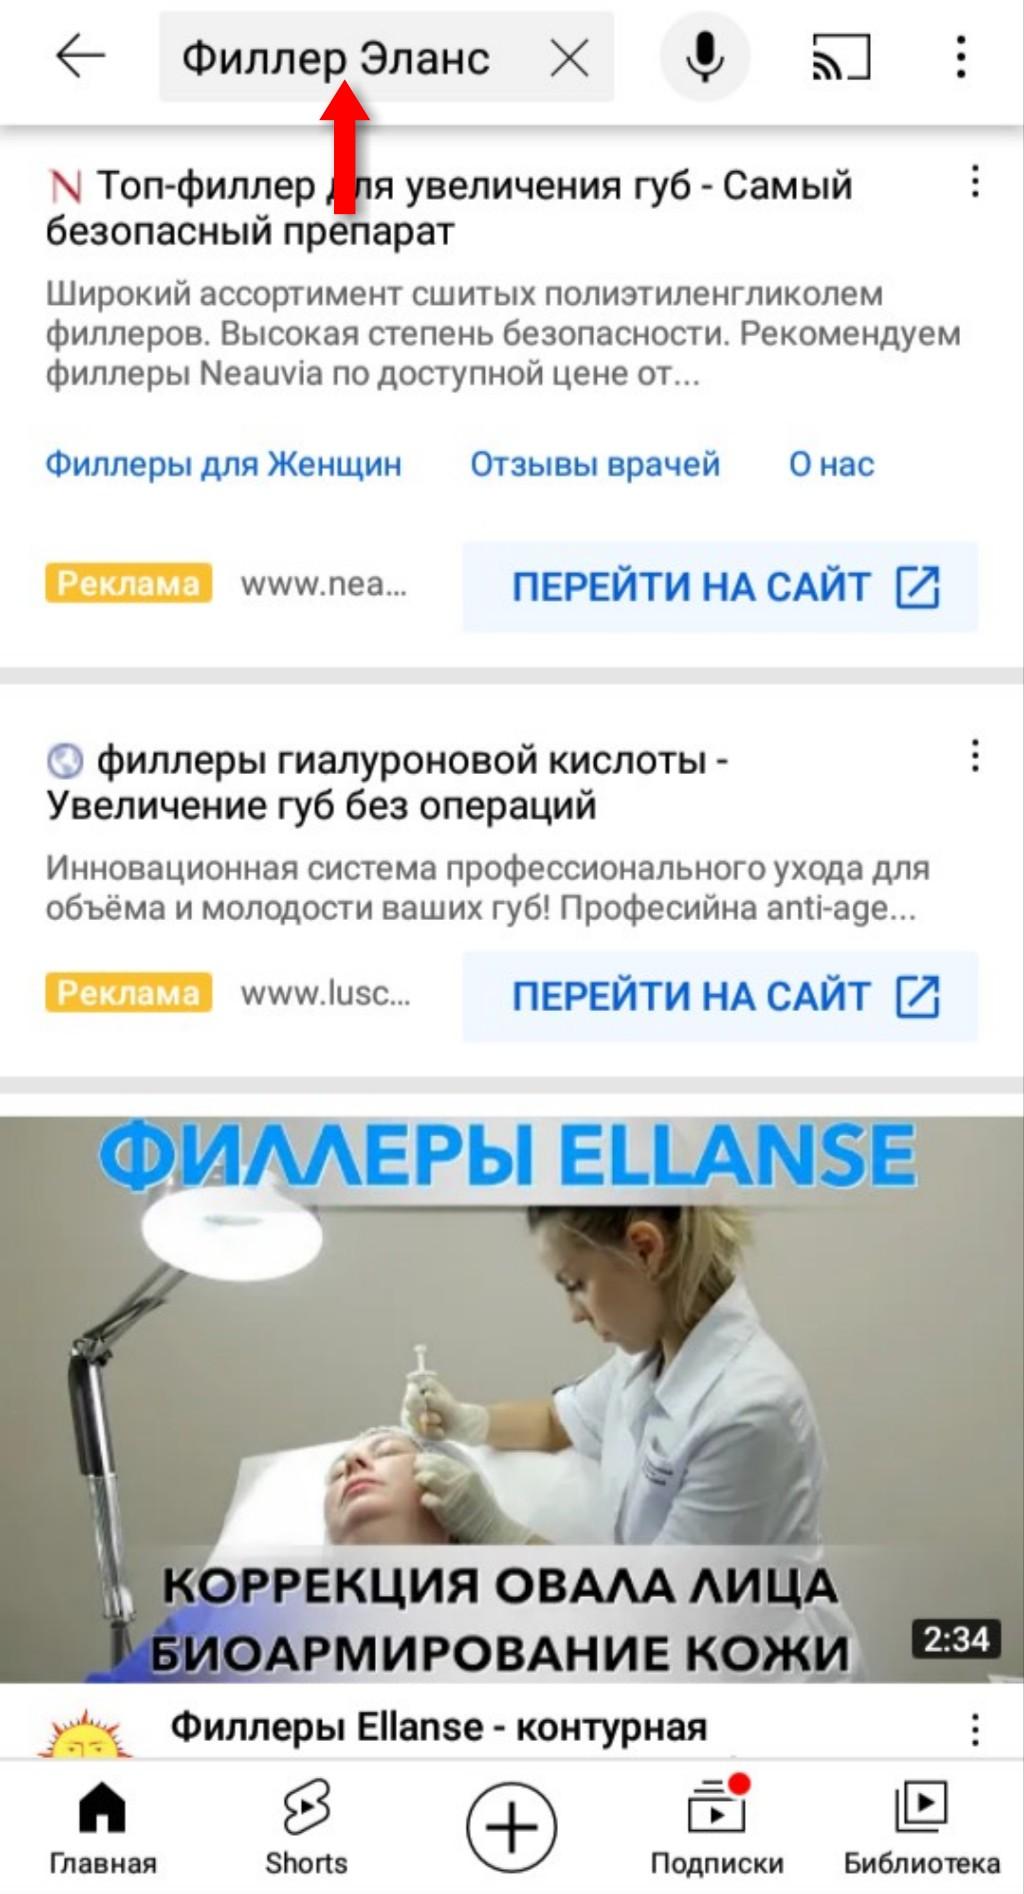 InFrame_1627991329839.jpg